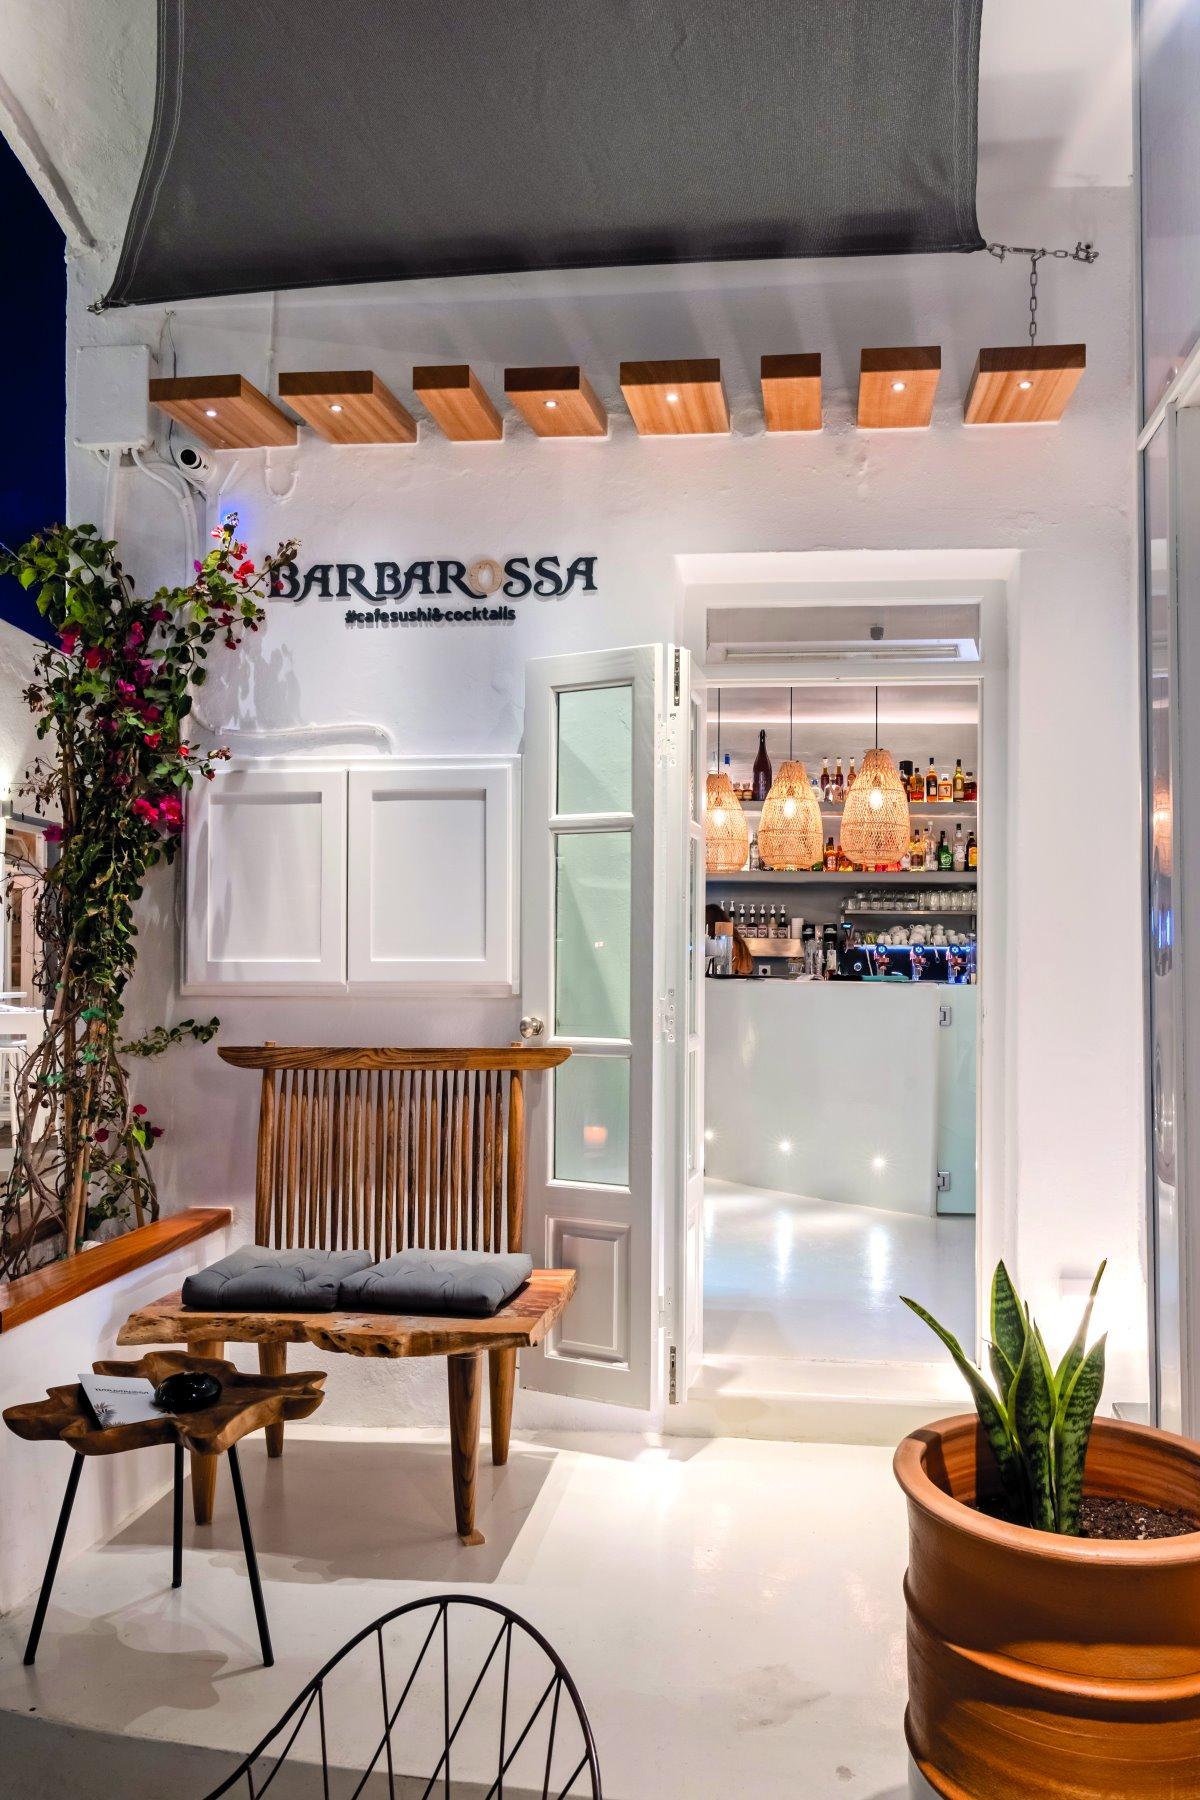 Το αδερφάκι του πασίγνωστου στην Πάρο Barbarossa, ονομάζεται Barbarossa Cafe sushi cocktails